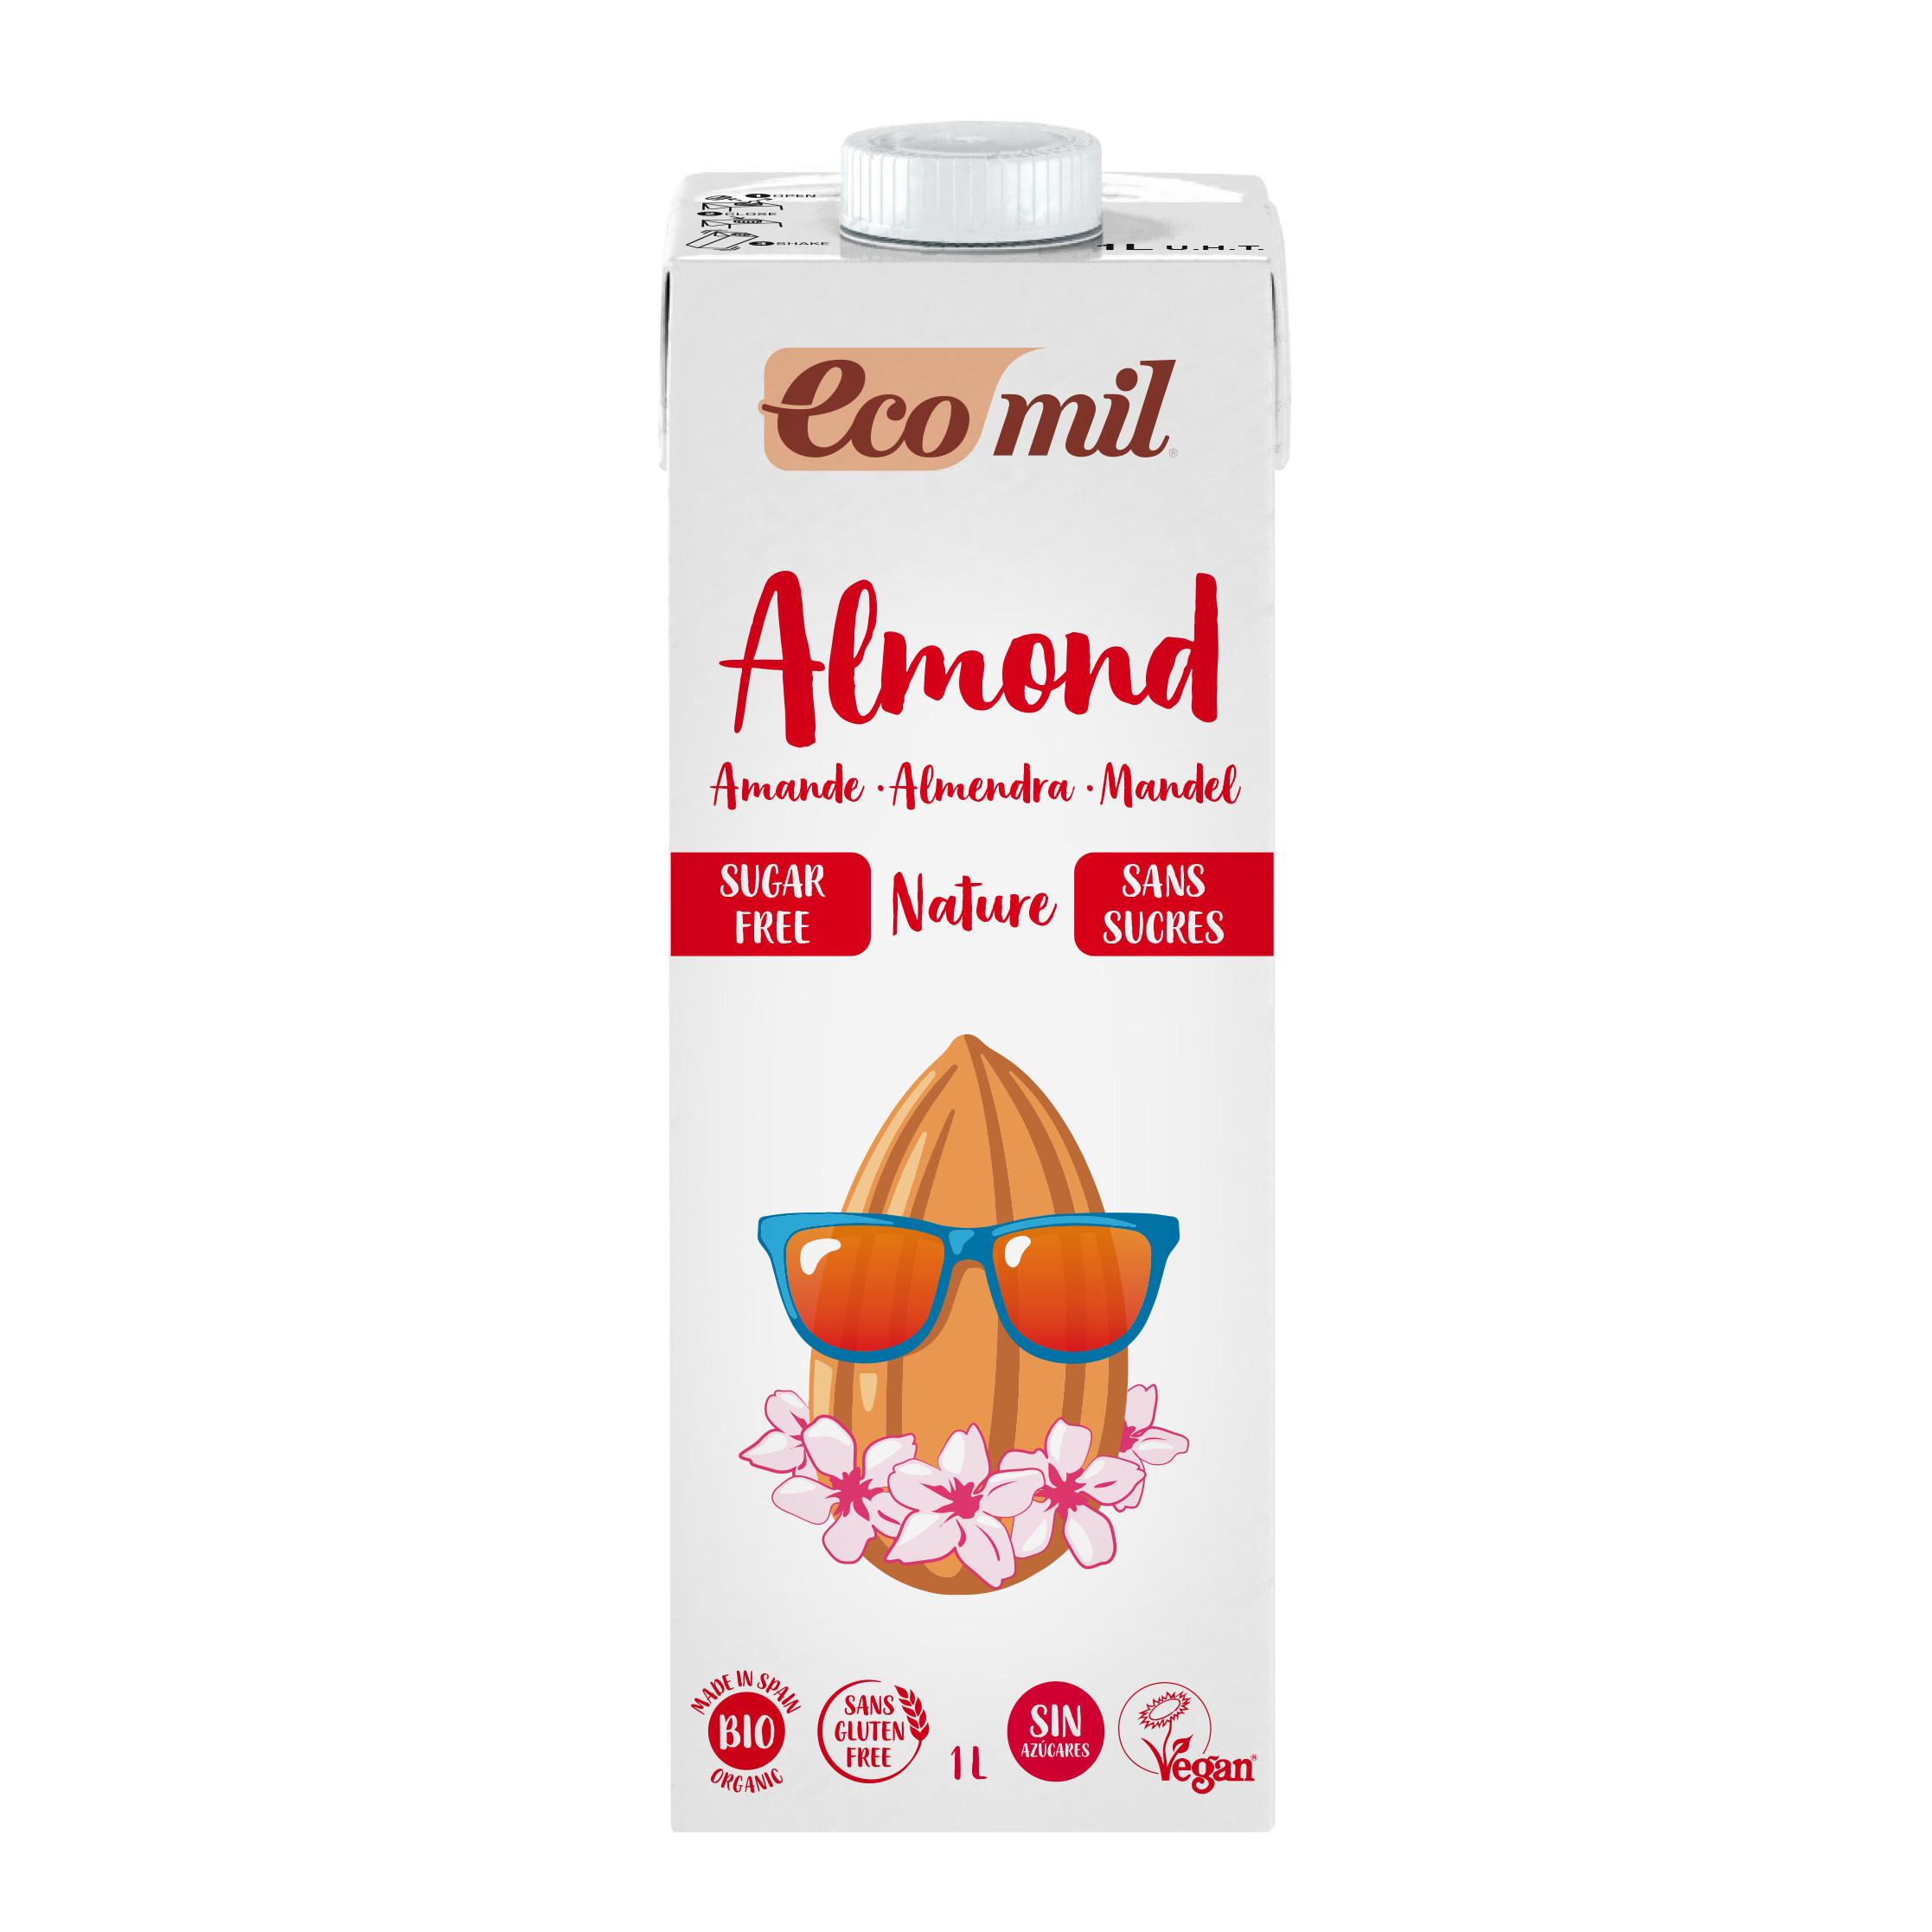 Sữa Hạt Hạnh Nhân Không Đường Hữu Cơ Ecomil 1L - Organic Almond Milk Sugar-free